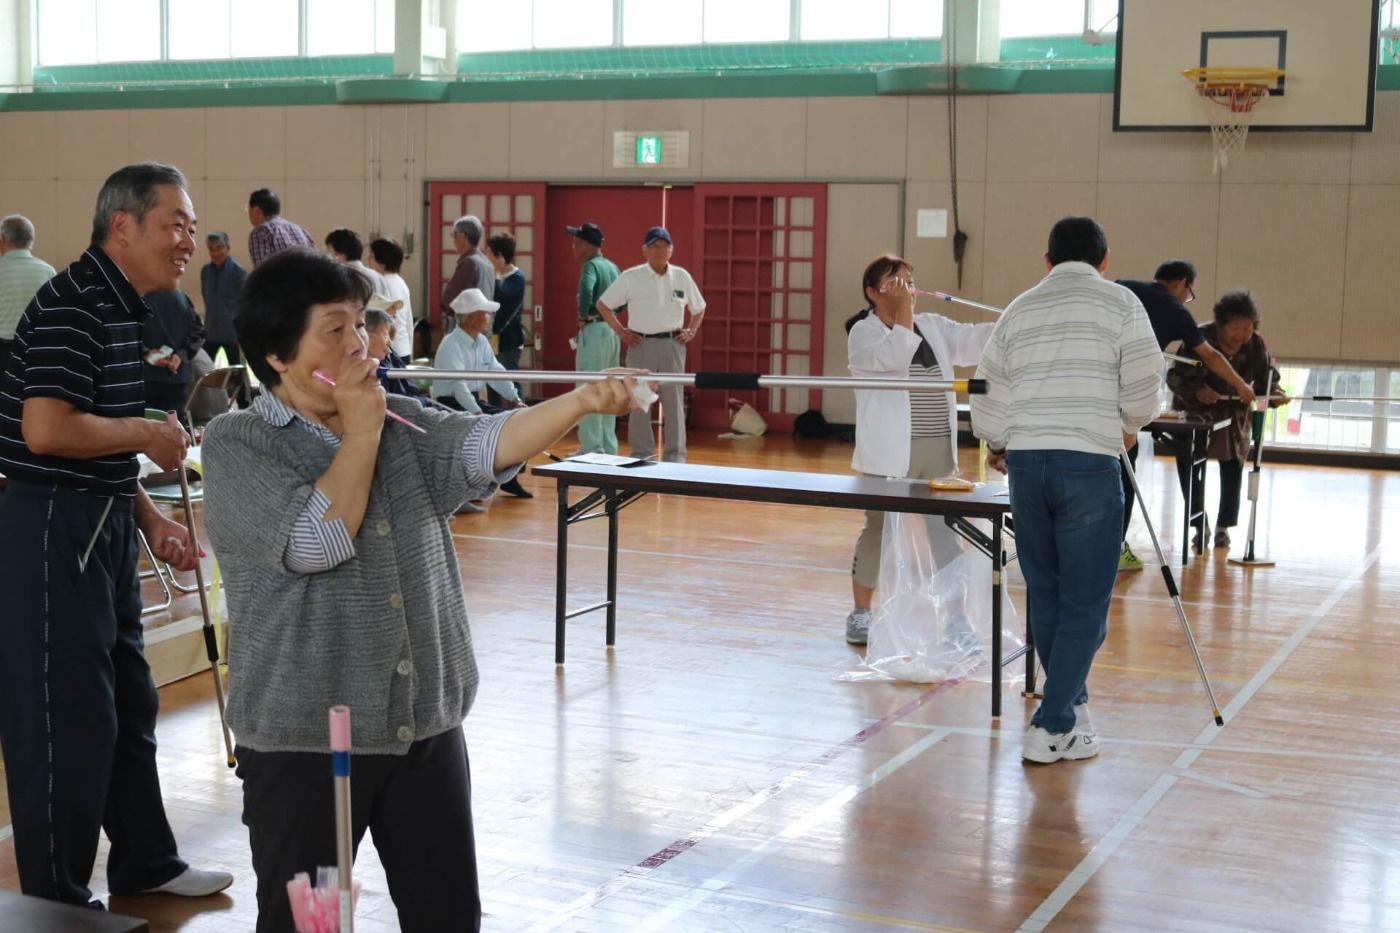 第20回吉島地区シルバー健康レクリエーション大会:エンジョイ吹き矢の様子